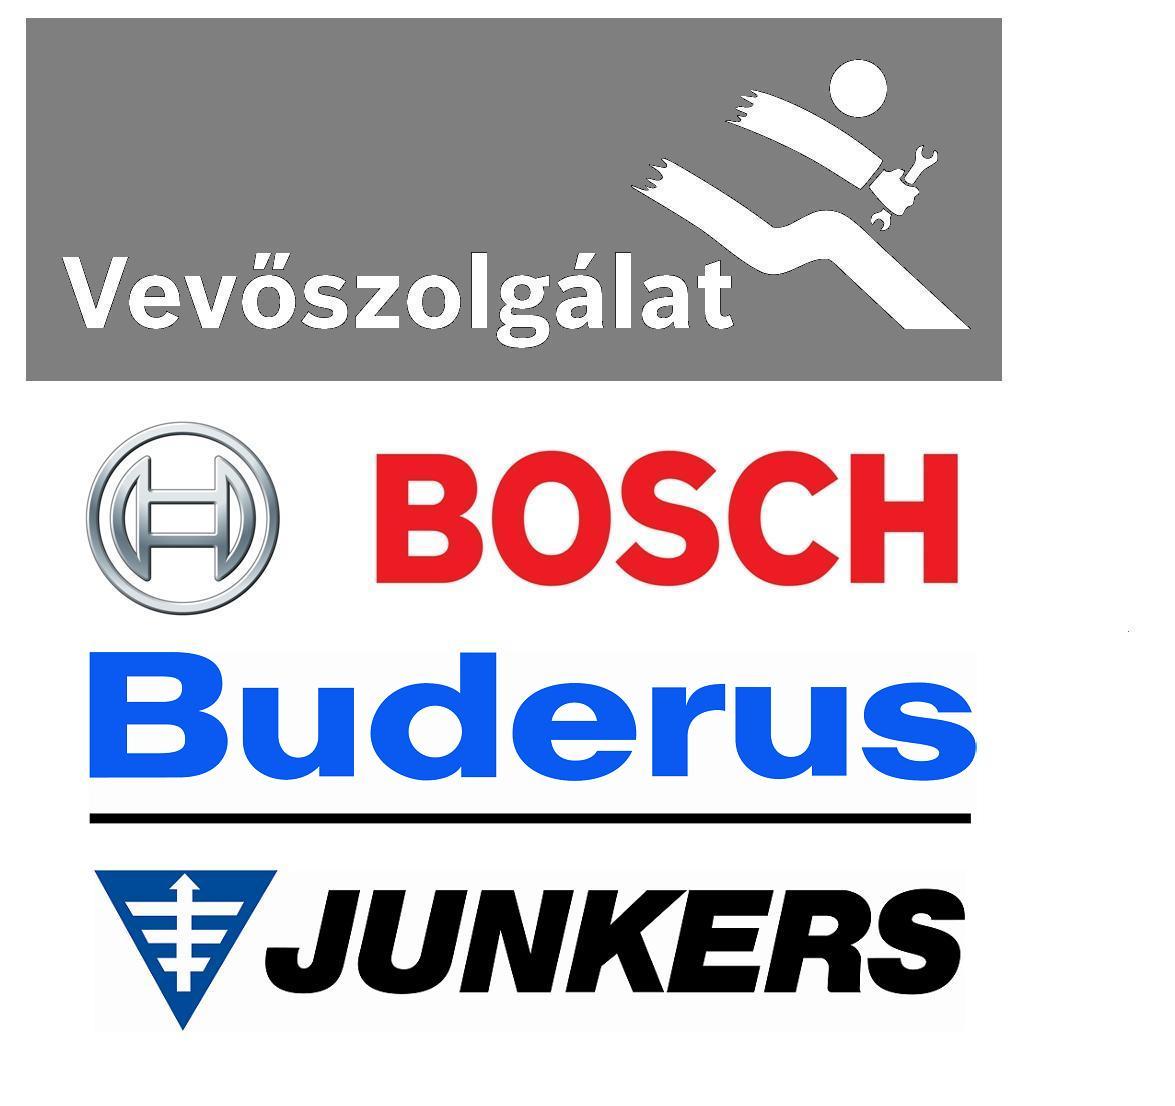 Bosch, Buderus, Junkers vevőszolgálat